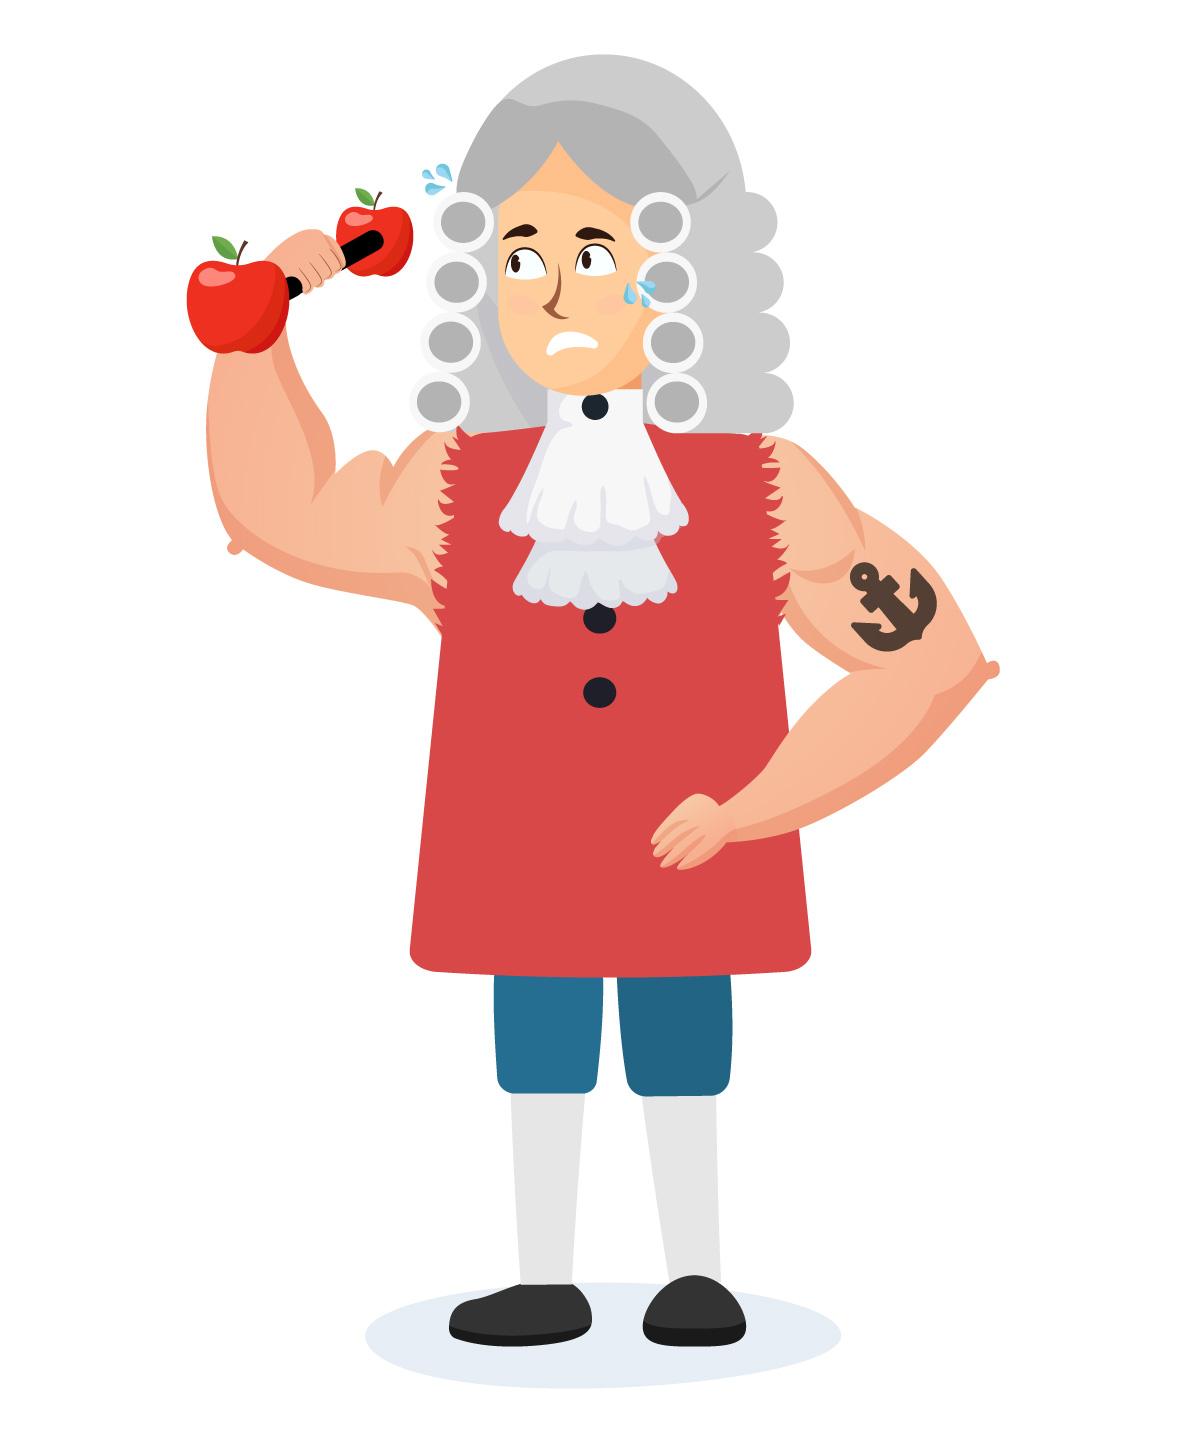 Newton fortão malhando com haltere de maçãs.